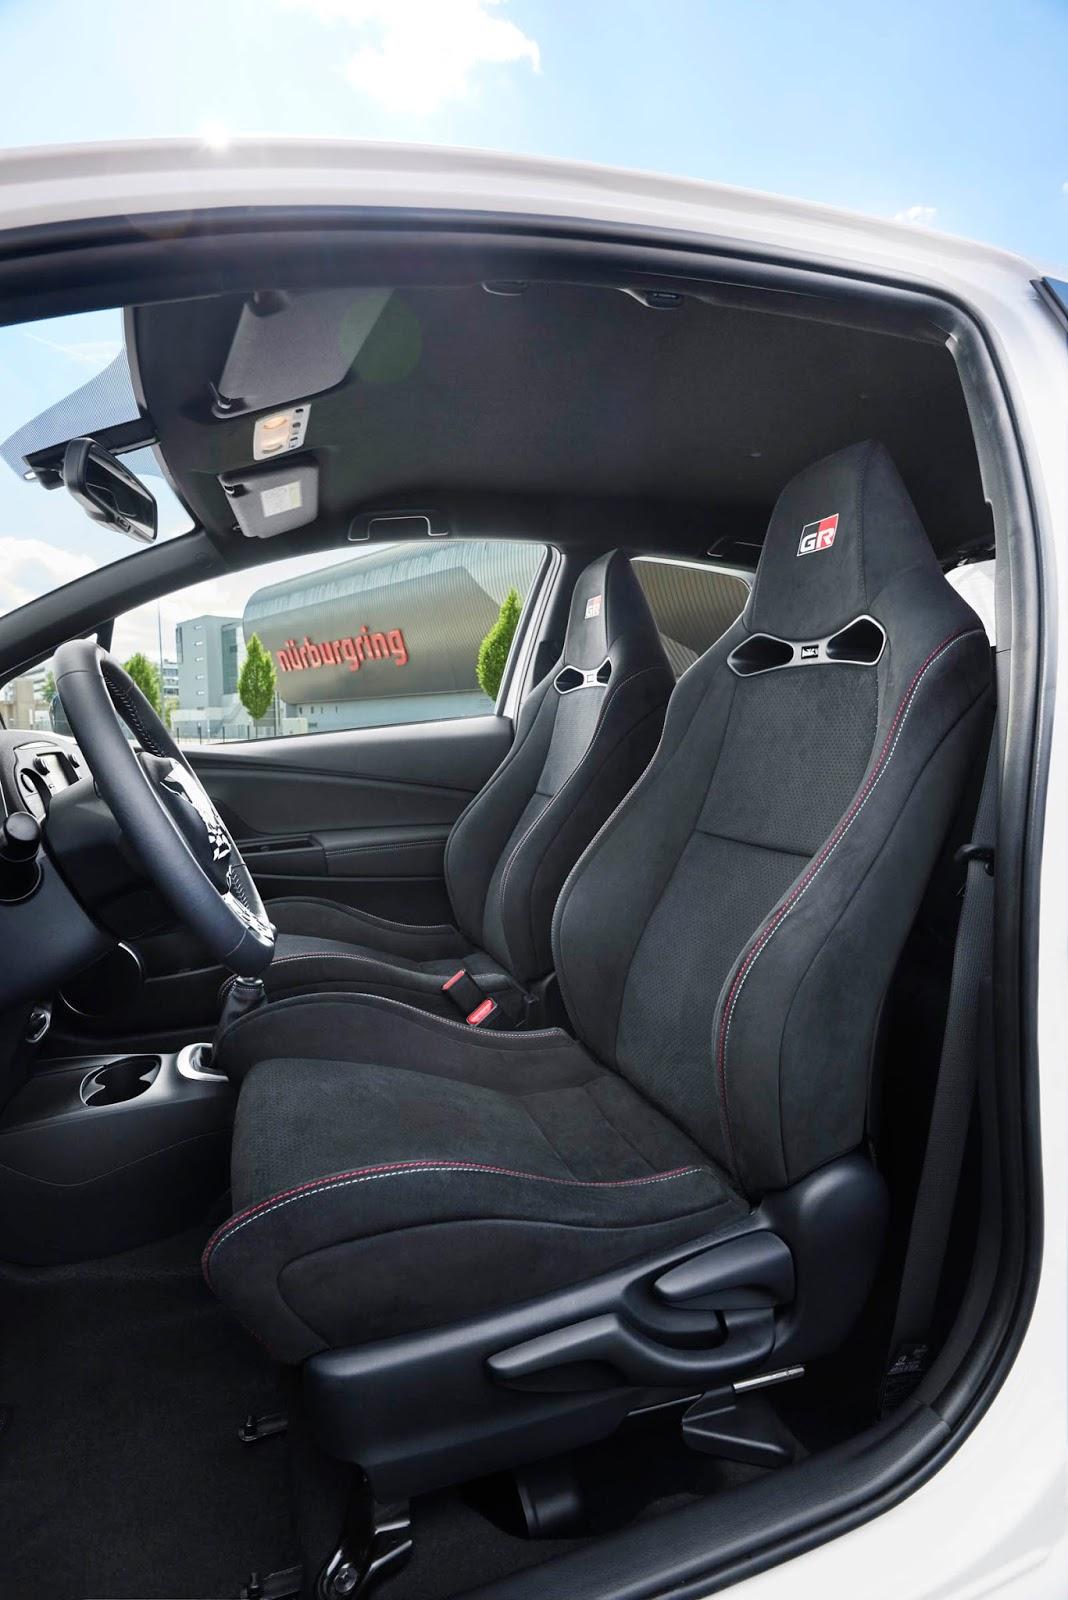 Toyota Yaris GRMN (30)